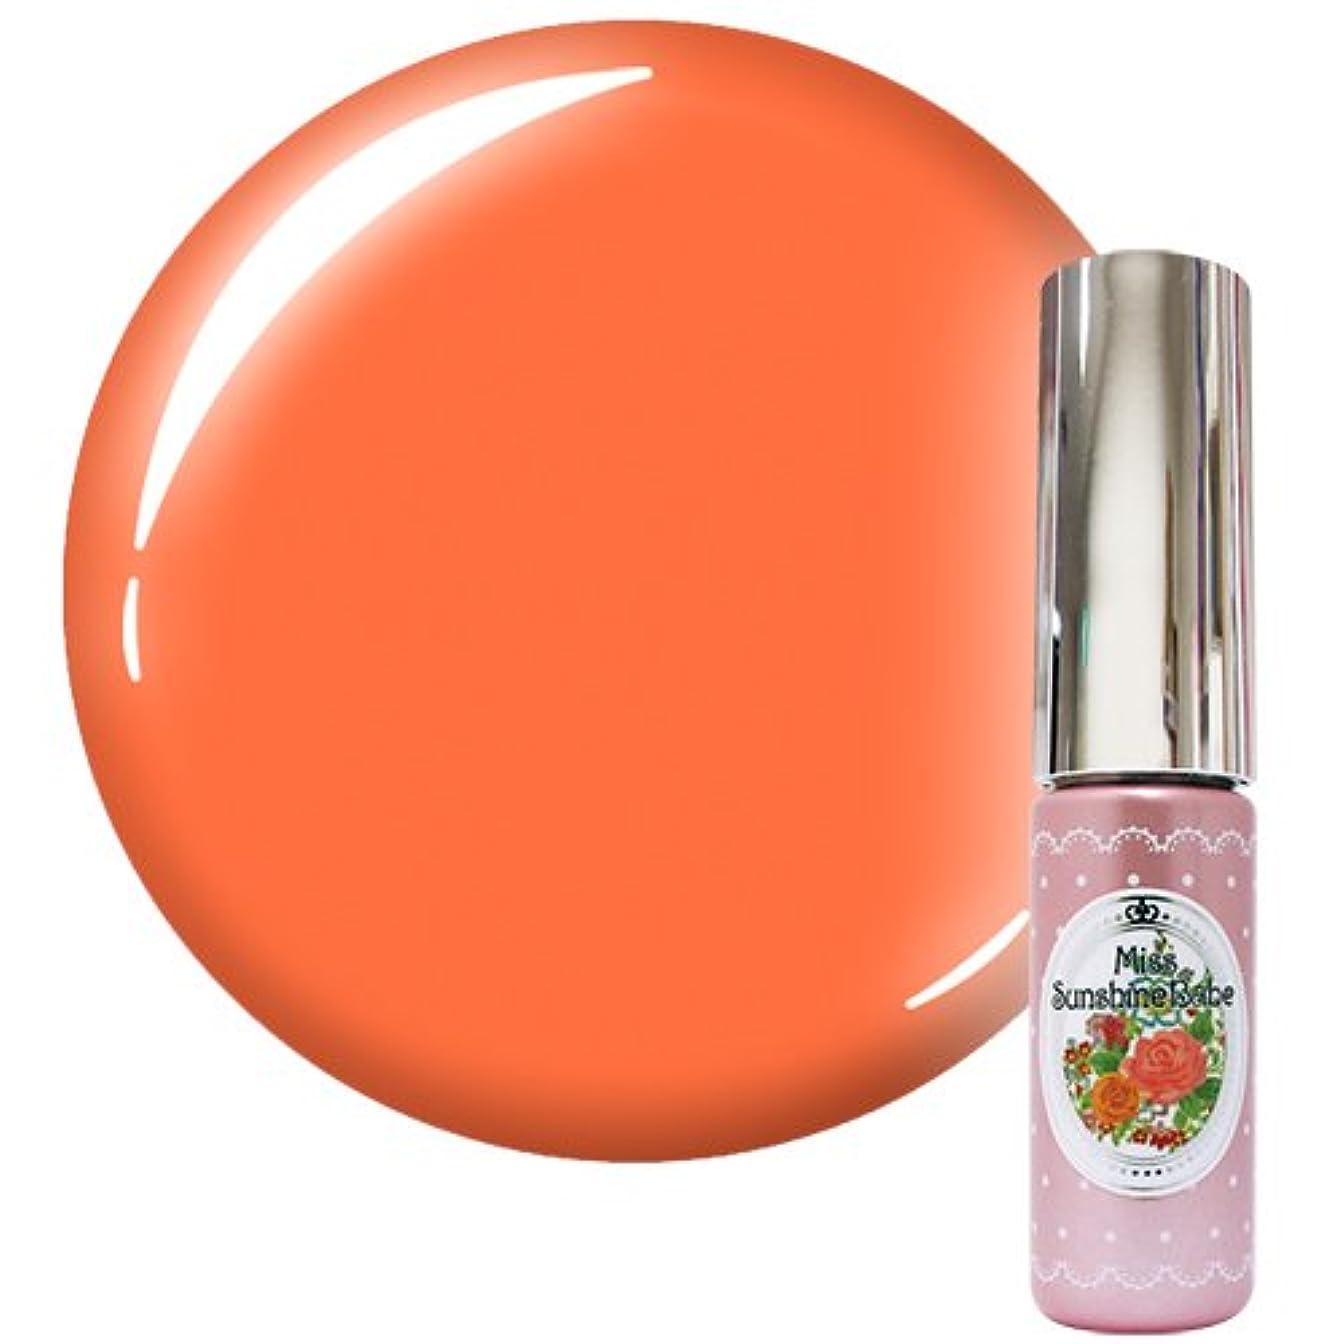 フロー絶えず窓を洗うMiss SunshineBabe ミス サンシャインベビー カラージェル MC-33 5g サマーパステルオレンジ